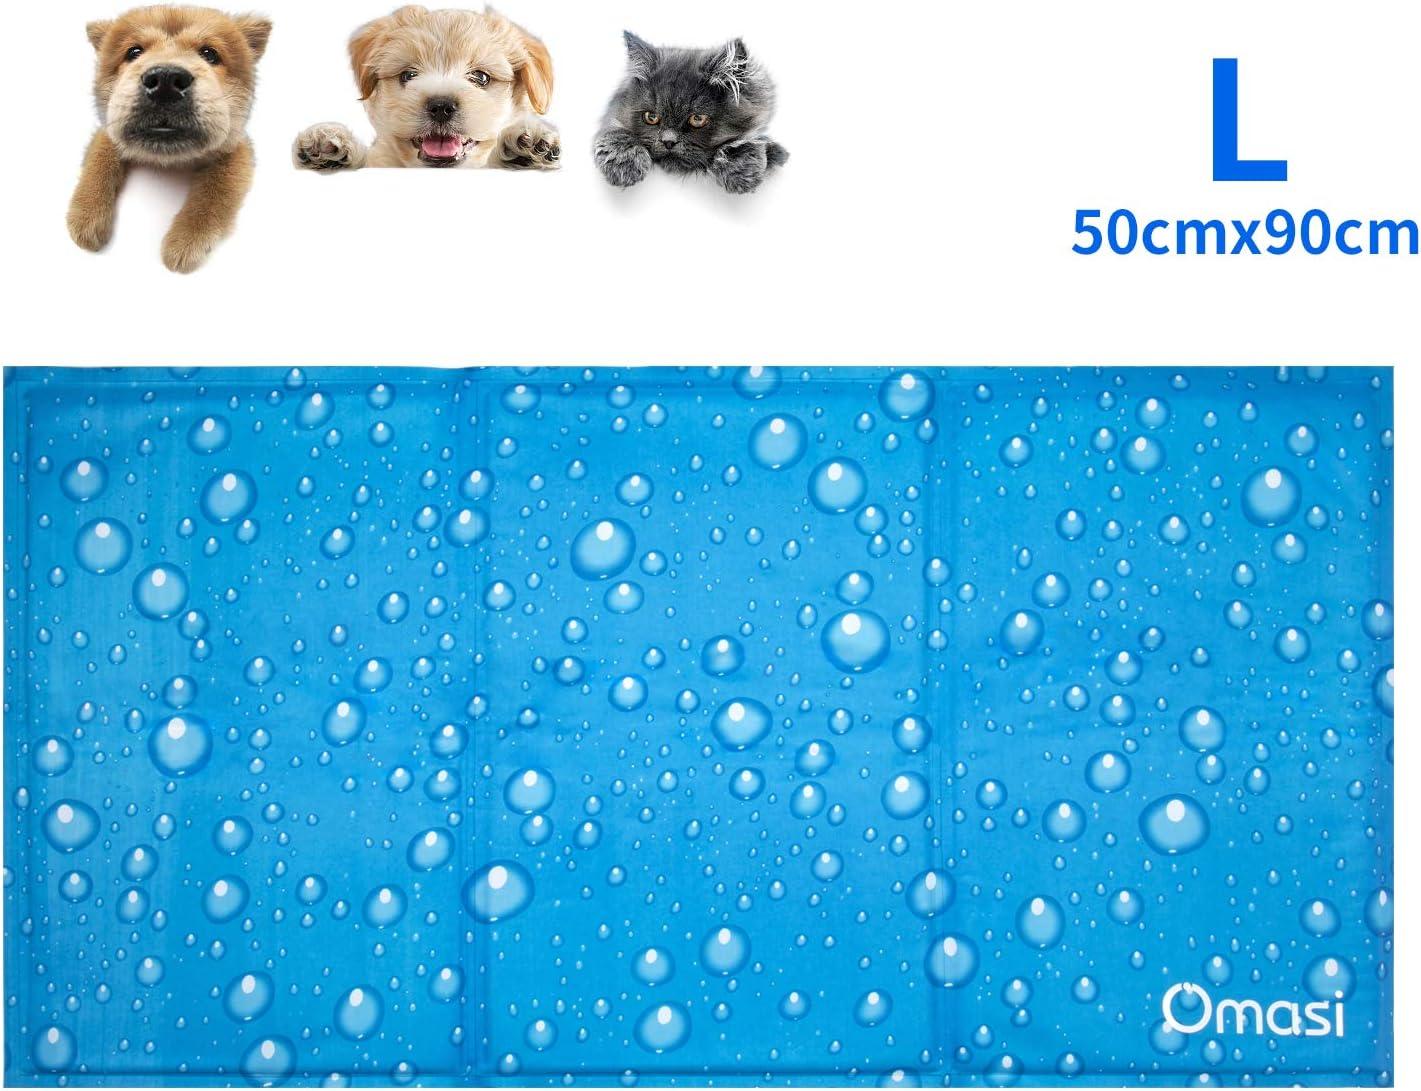 Omasi Alfombrilla de Refrigeración para Animales, Enfriamiento para Camas de Mascotas, No tóxico, Auto, para Perros y Gatos (50 x 90 CM)